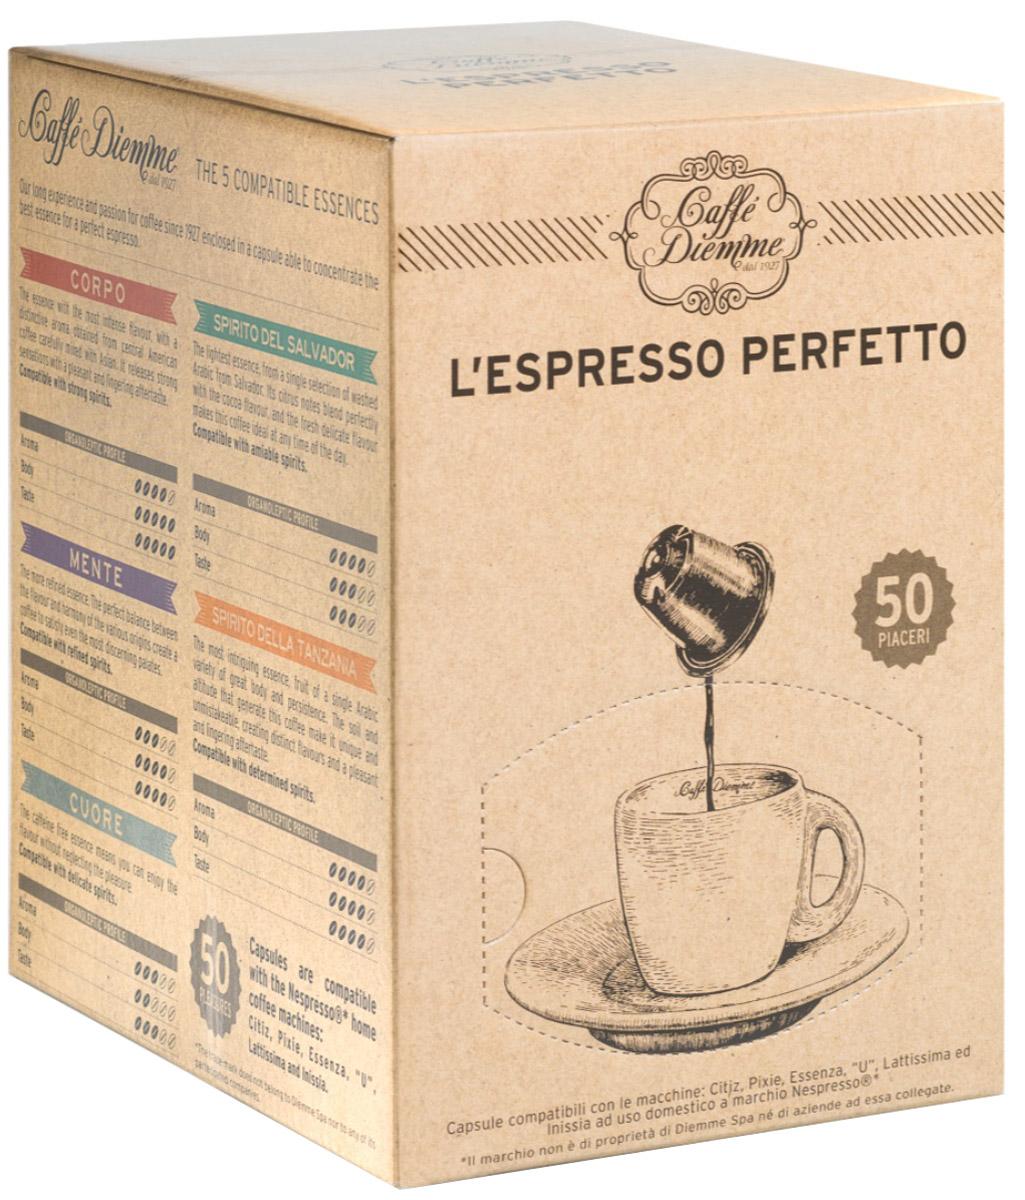 Diemme Caffe Spirito del Salvador кофе в капсулах, 50 шт8003866016507Diemme Caffe Spirito del Salvador - наиболее легкий аромат, являющийся результатом уникальной селекции произрастающего в Сальвадоре сорта Арабика Лавата. Его кисловатый привкус очень хорошо сочетается с какао, и полученный таким образом свежий и деликатный вкус делает этот кофе идеальным в любой момент дня.Уважаемые клиенты! Обращаем ваше внимание на то, что упаковка может иметь несколько видов дизайна. Поставка осуществляется в зависимости от наличия на складе.